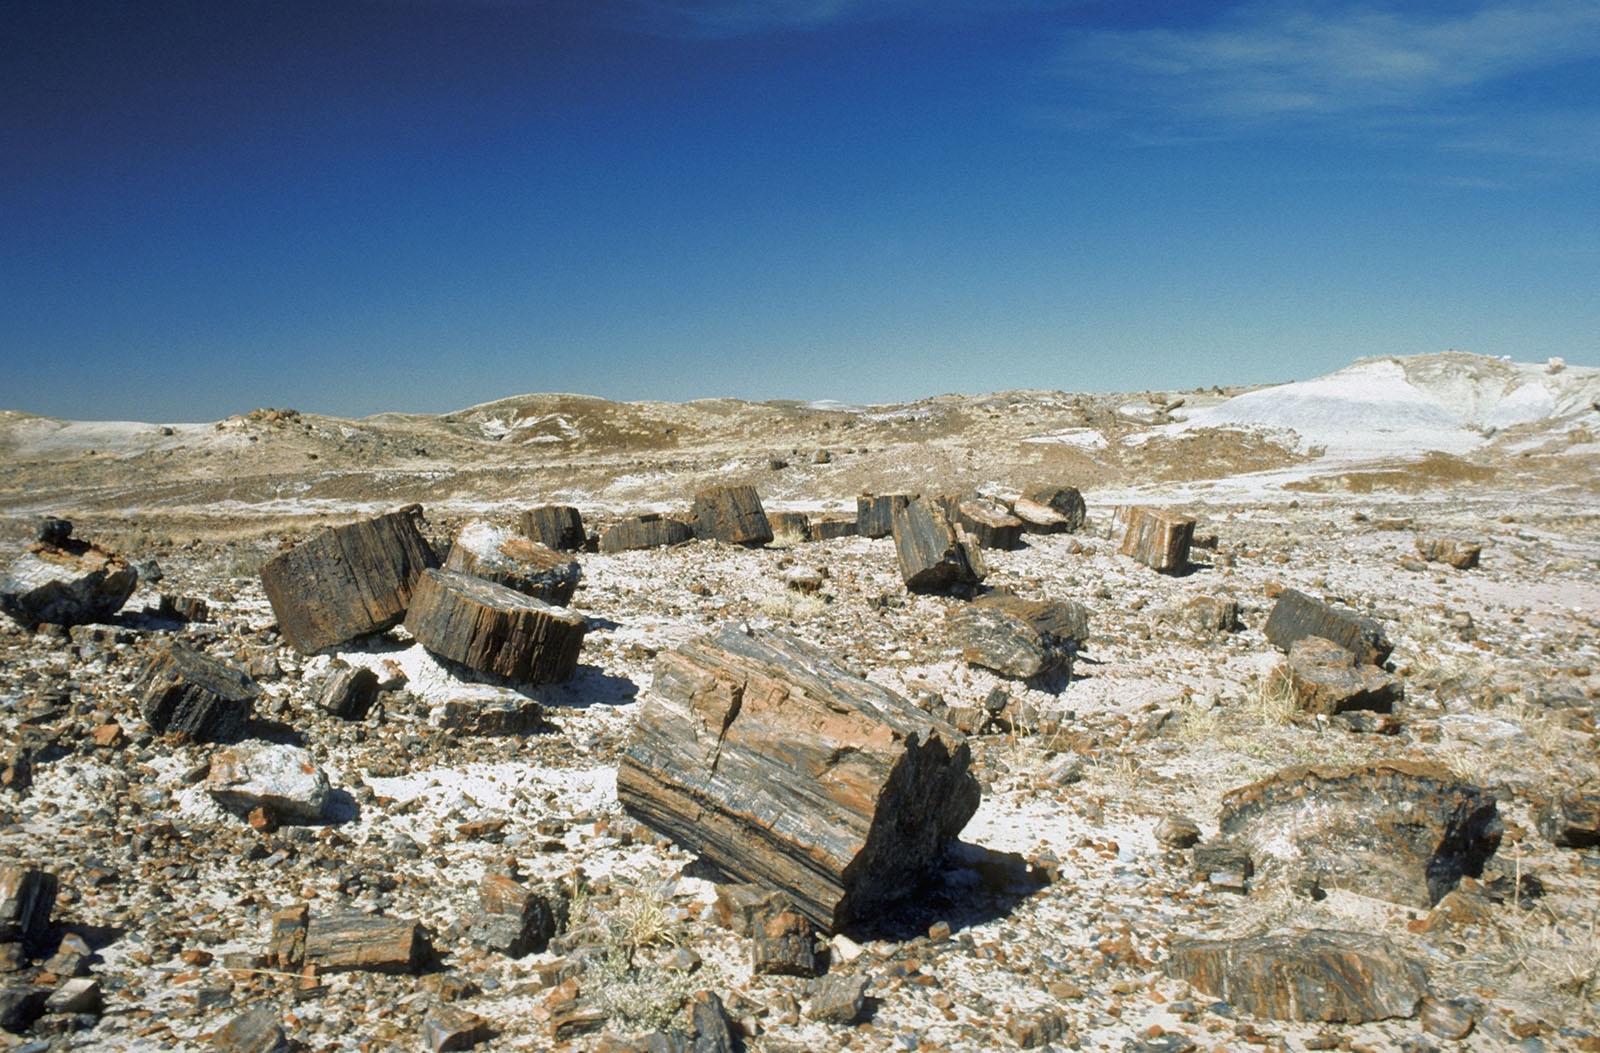 Science News Flash: 3.7-Billion-Year-Old Fossils Perplex Origin-of-Life Researchers